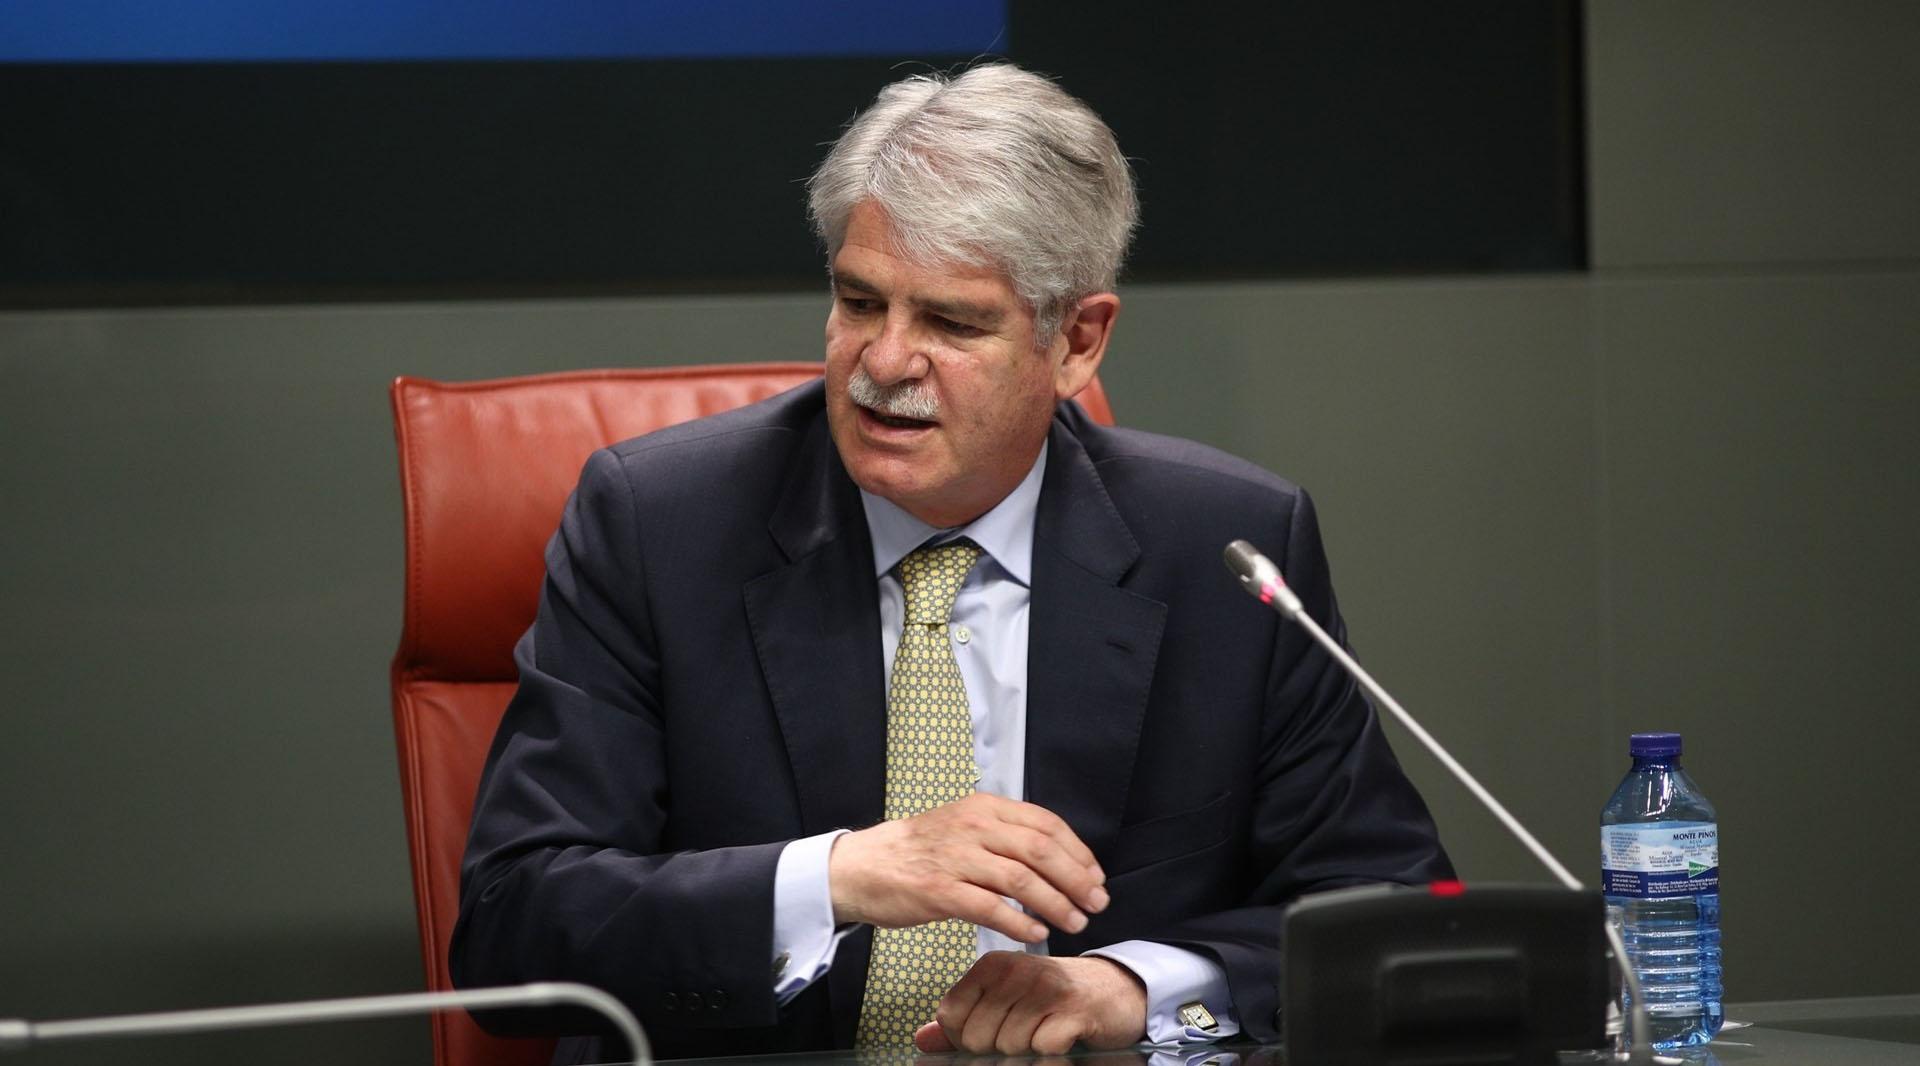 Alfonso Dastis, ministro español de Exteriores y Cooperación, realizó el llamado al secretario de Estado estadounidense, Rex Tillerson